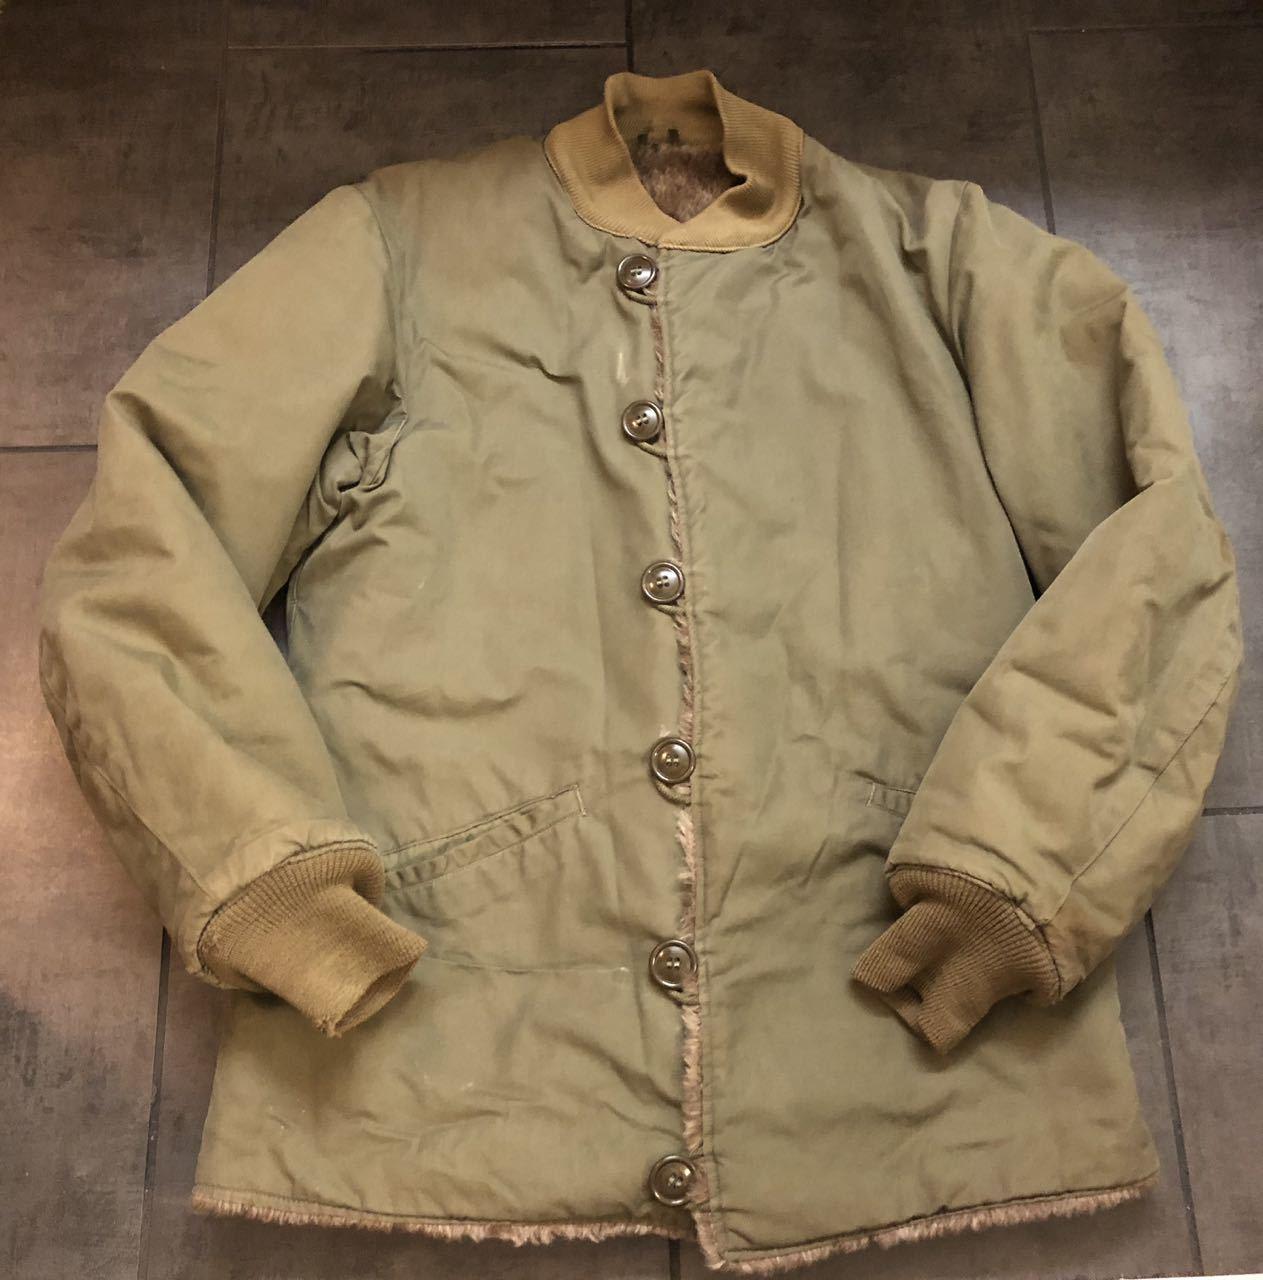 アメリカ仕入れ情報#47 M-1943 40\'s US.ARMY  ライナー アルパカ パイルジャケット_c0144020_18002747.jpg